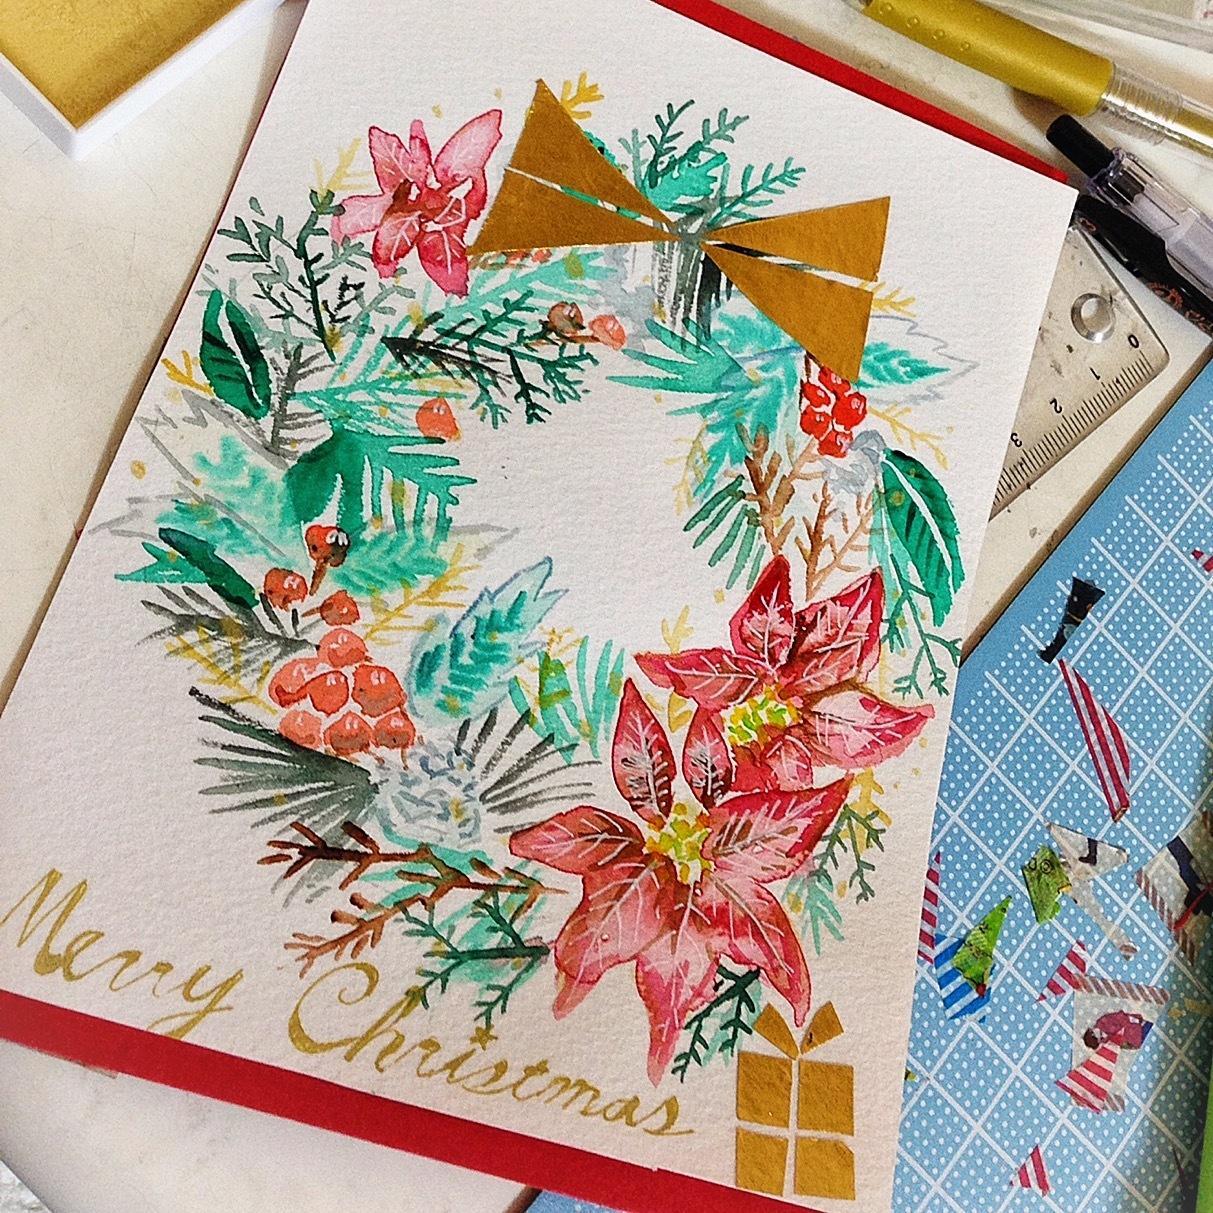 主に水彩を使ってポストカードを制作します 水彩、ペン、マステ、折り紙を使って作ります。